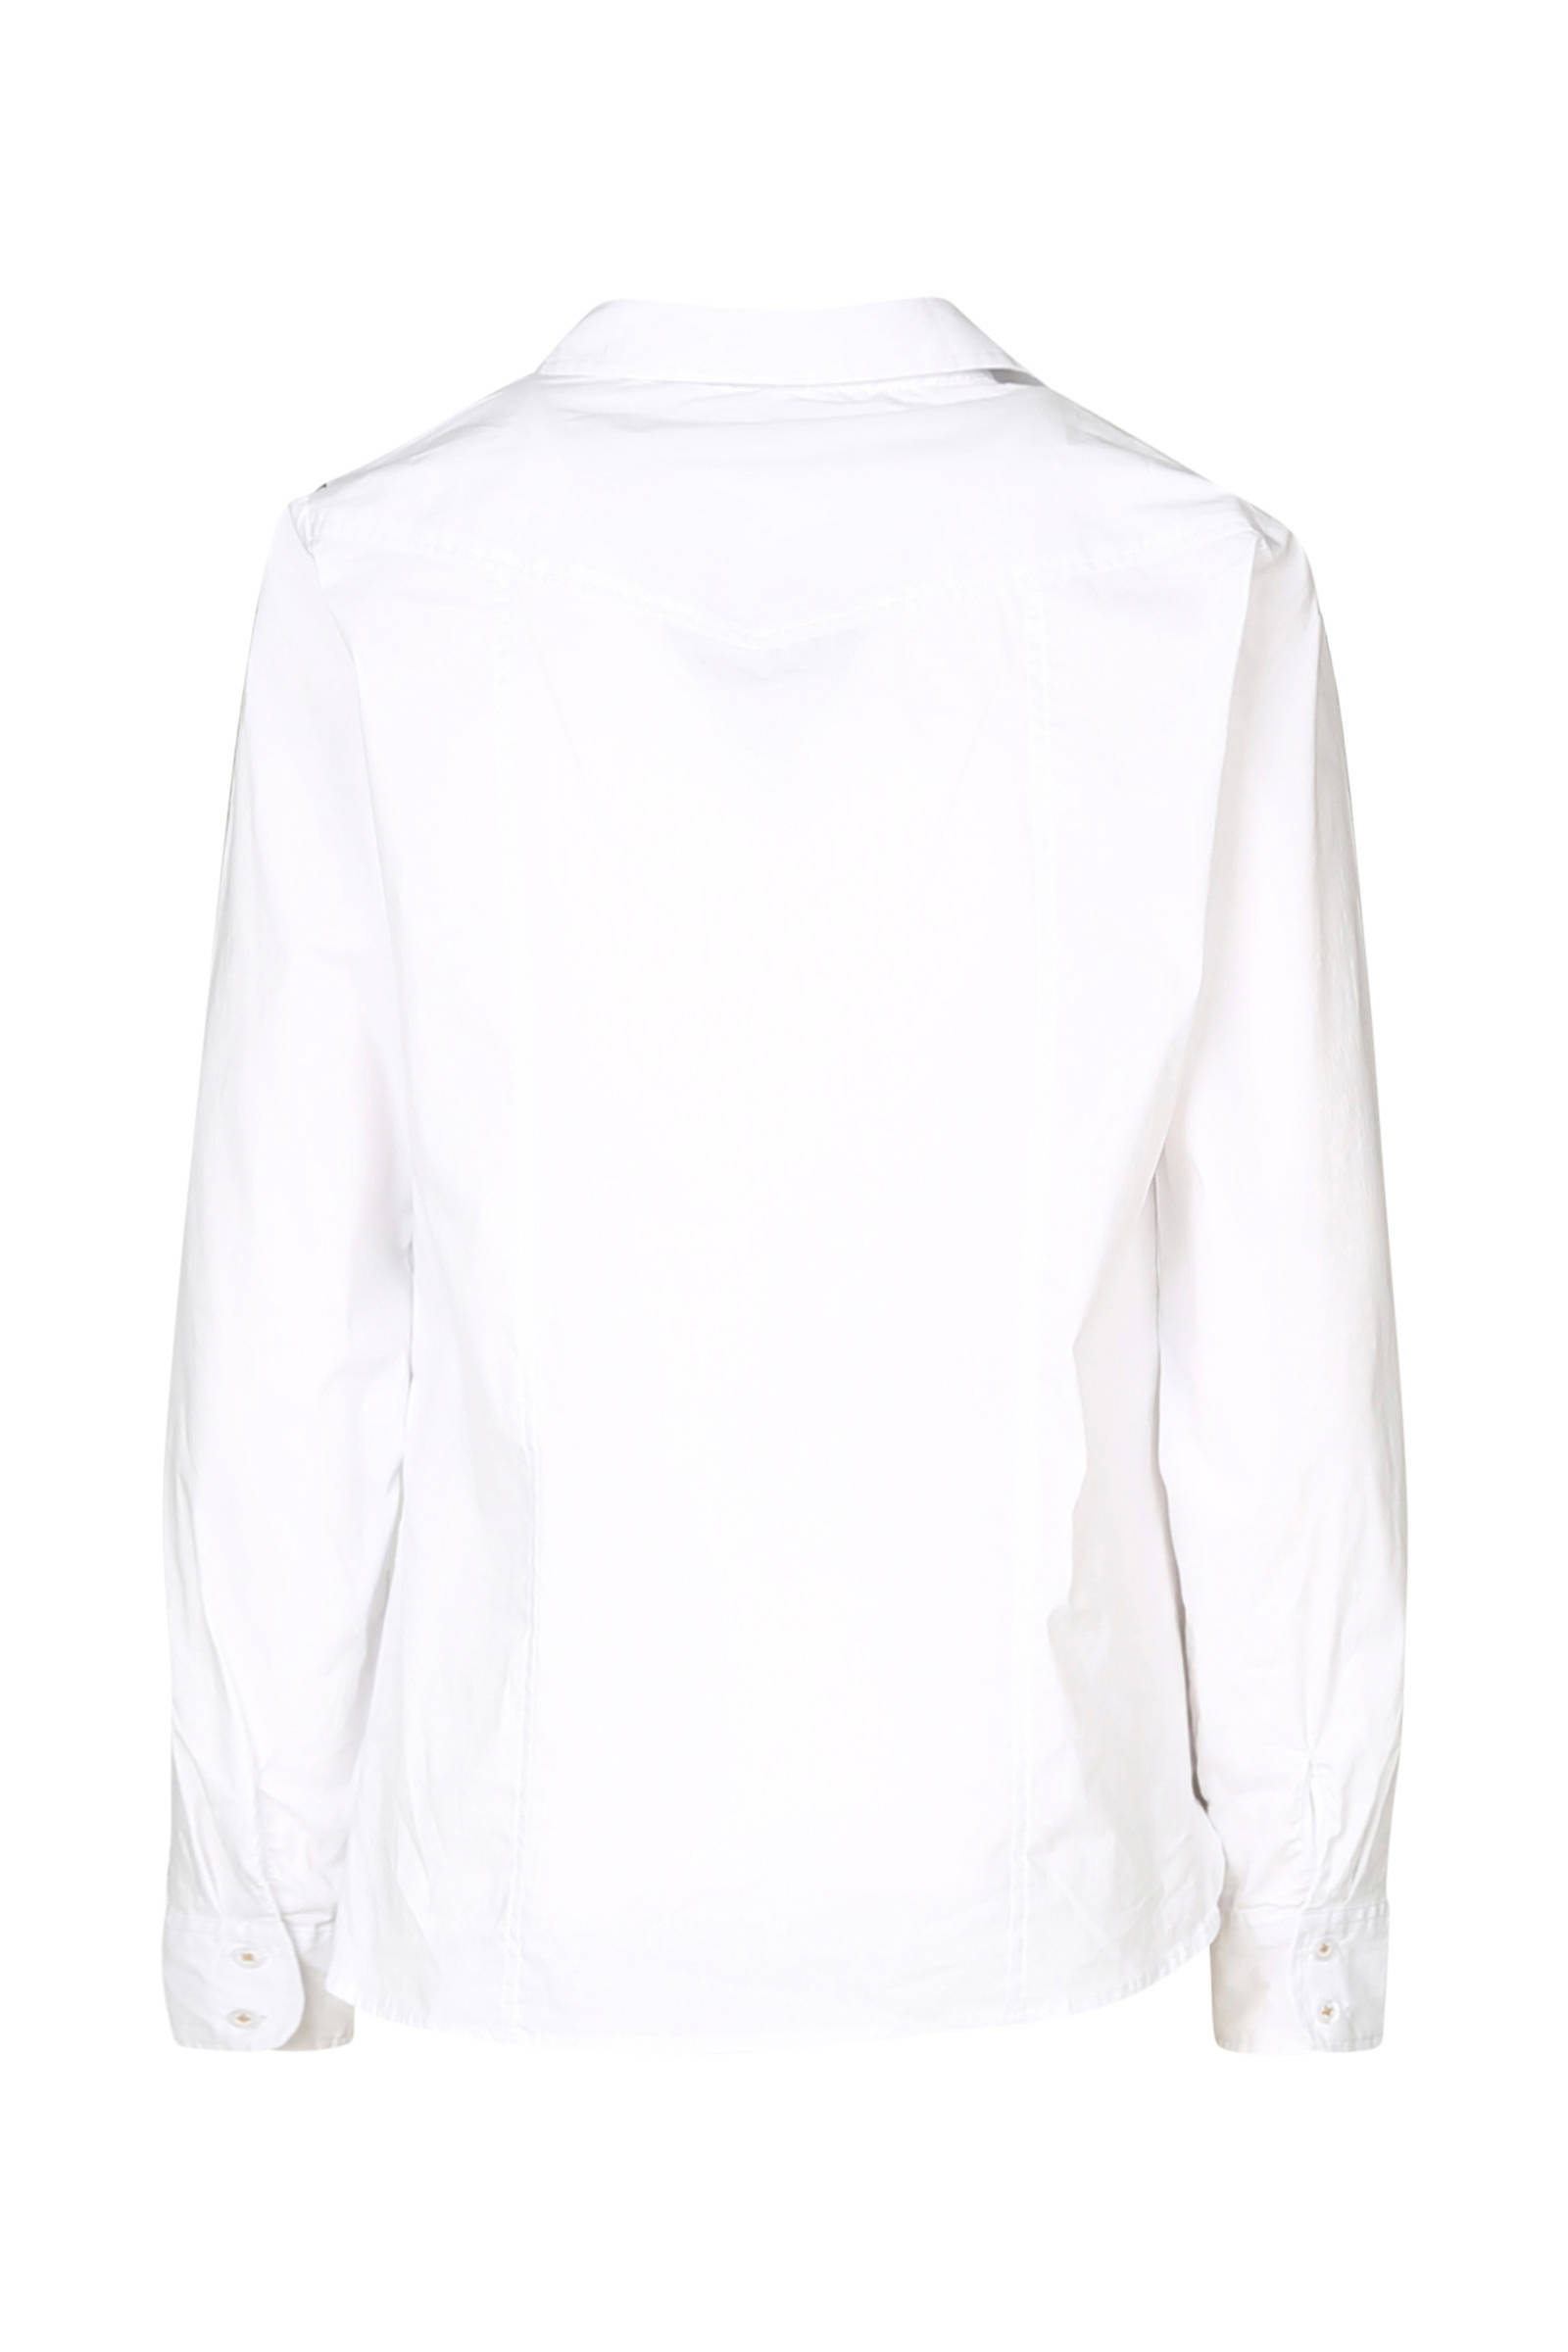 met details met blouse details panterprint Cassis blouse panterprint details Cassis blouse panterprint panterprint met met blouse Cassis Cassis wAf4nRq0